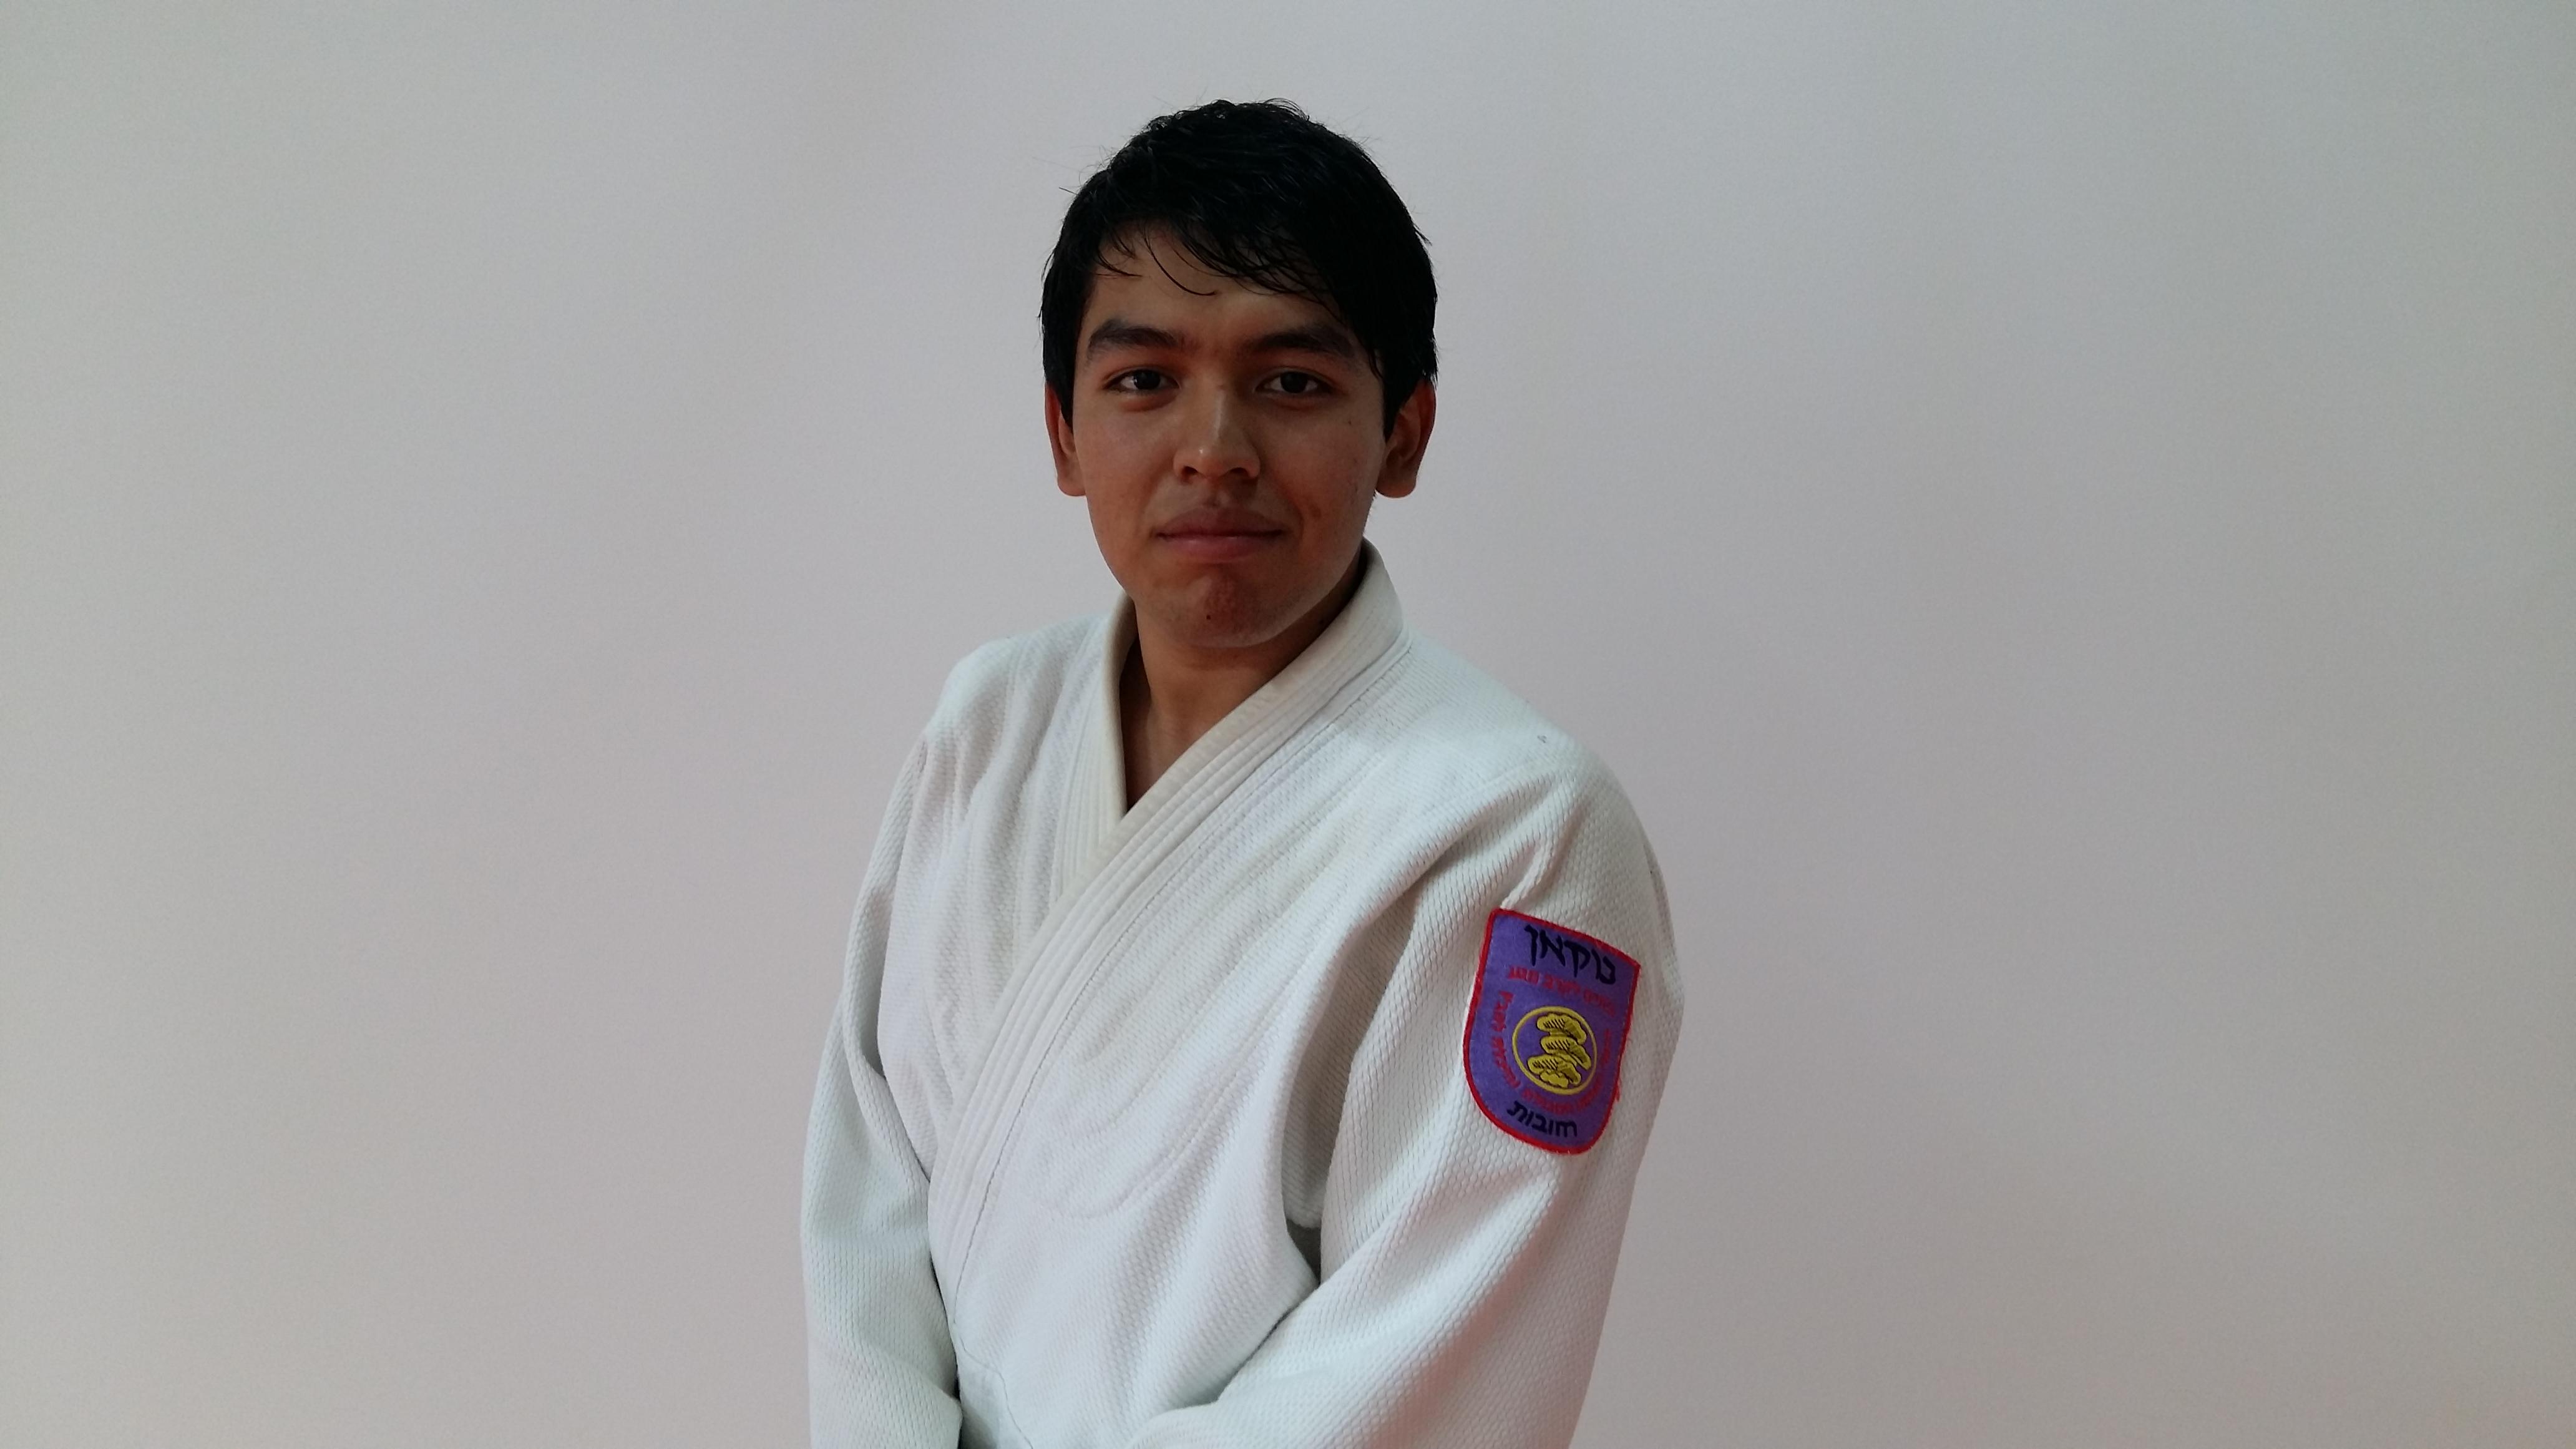 Instructor Joseph Edrei Moreno Crus